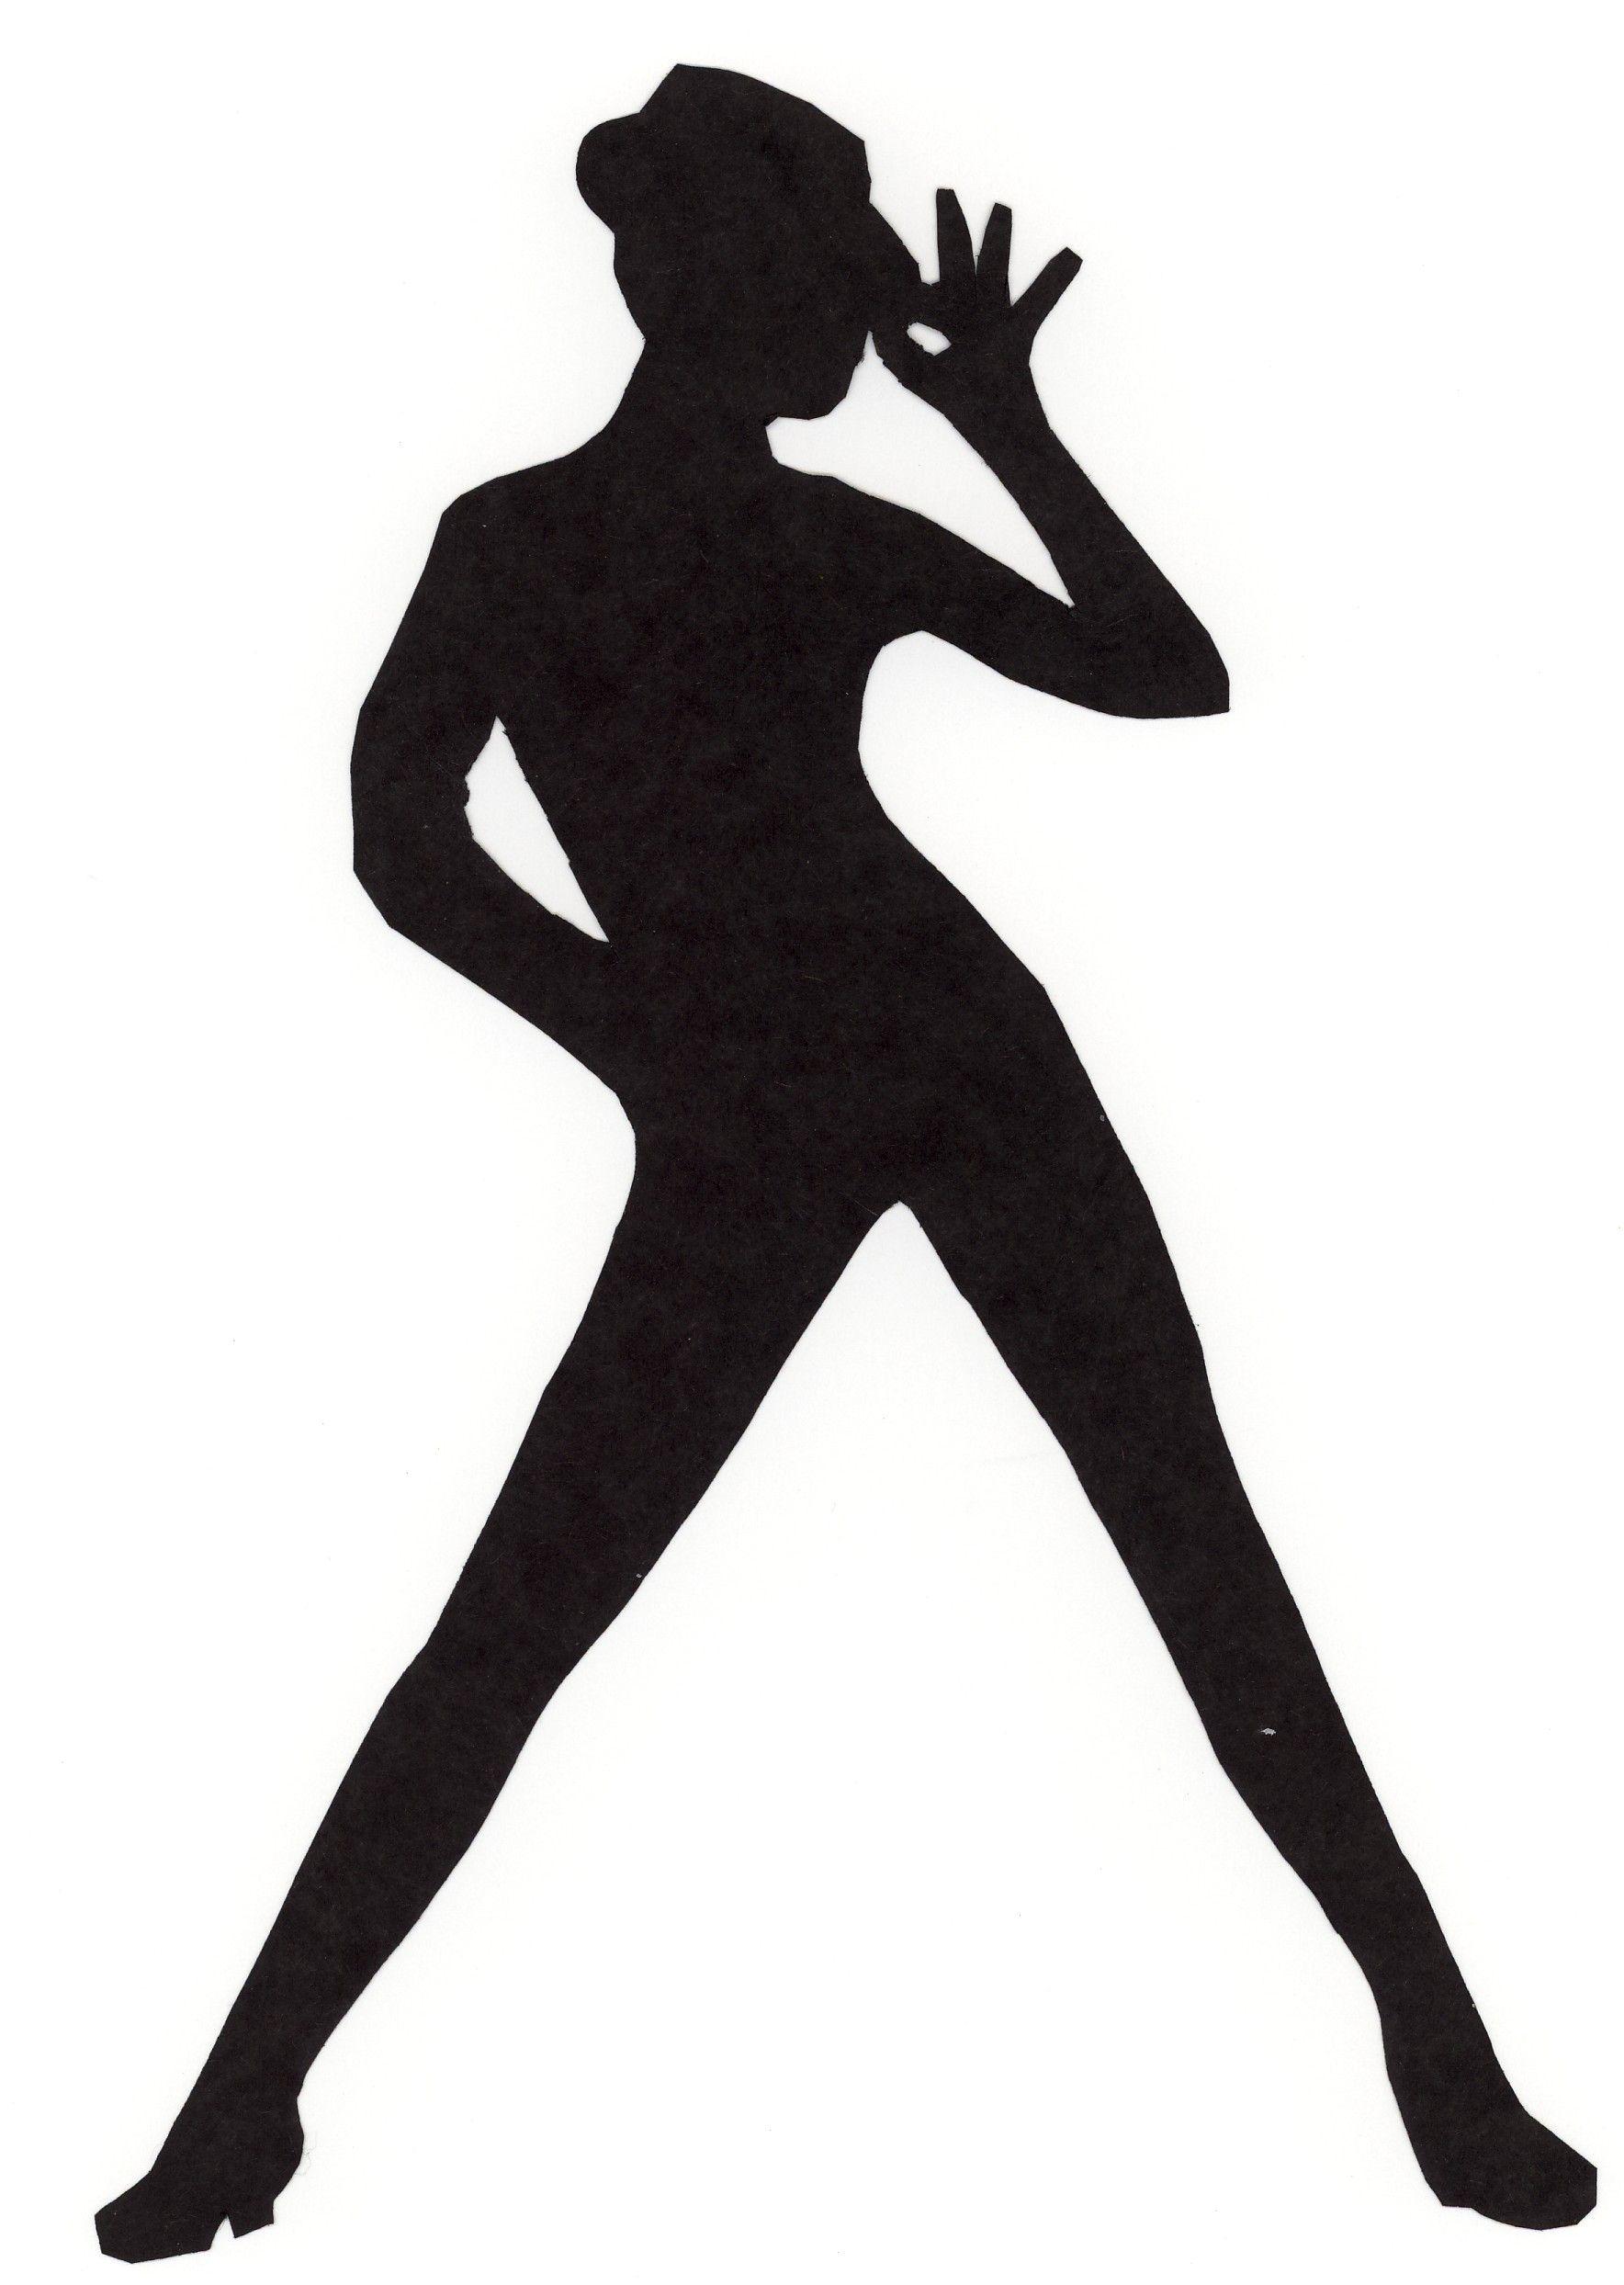 1768x2487 Clipart Dancers Silhouette Hip Hop Dance Silhouettes Clipart 1